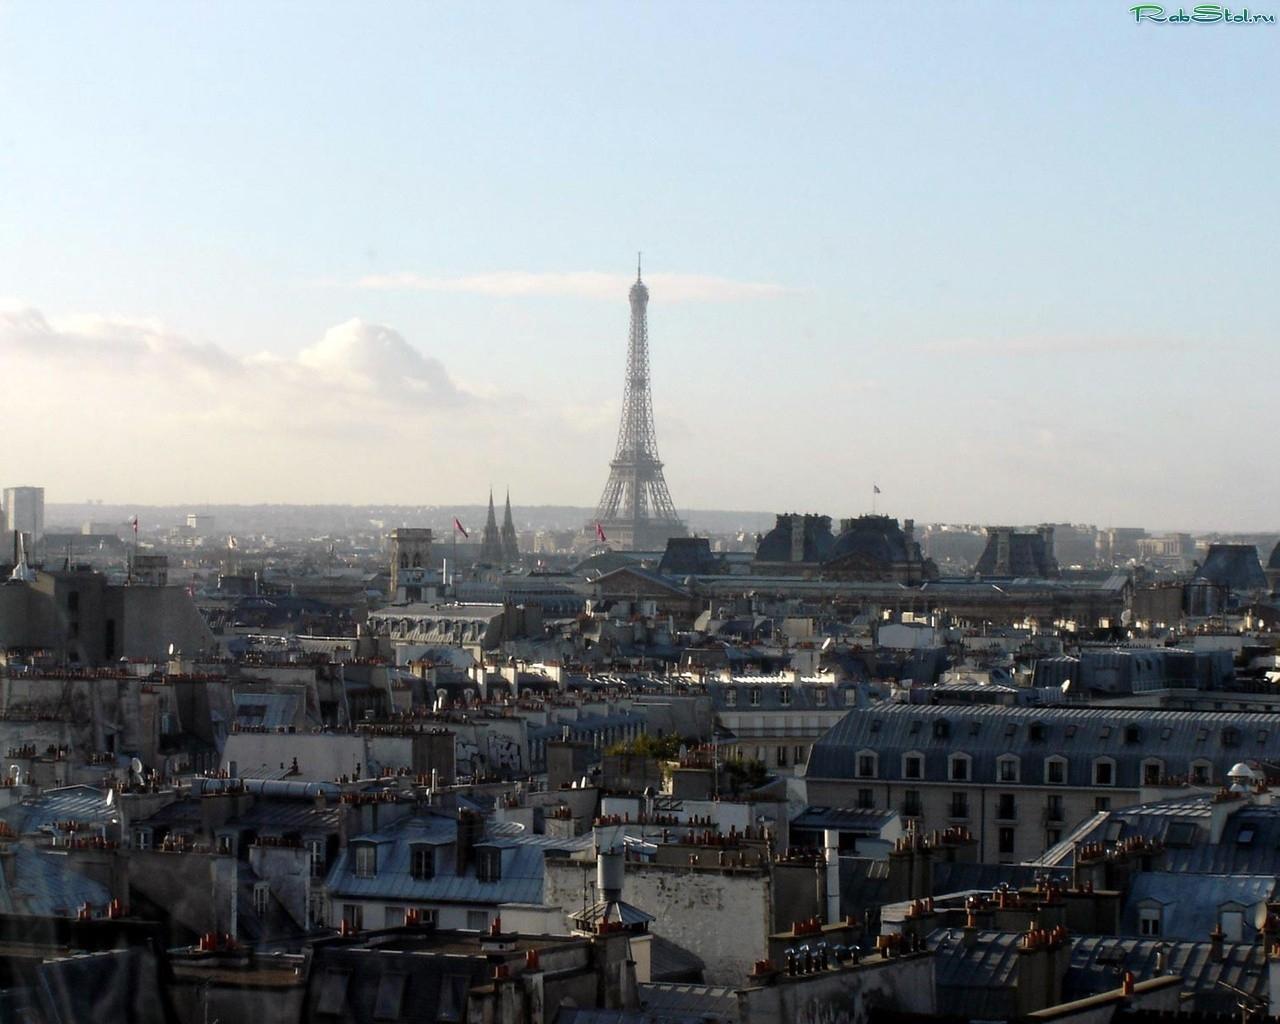 Скачать картинку Пейзаж, Города, Архитектура, Париж, Эйфелева Башня в телефон бесплатно.